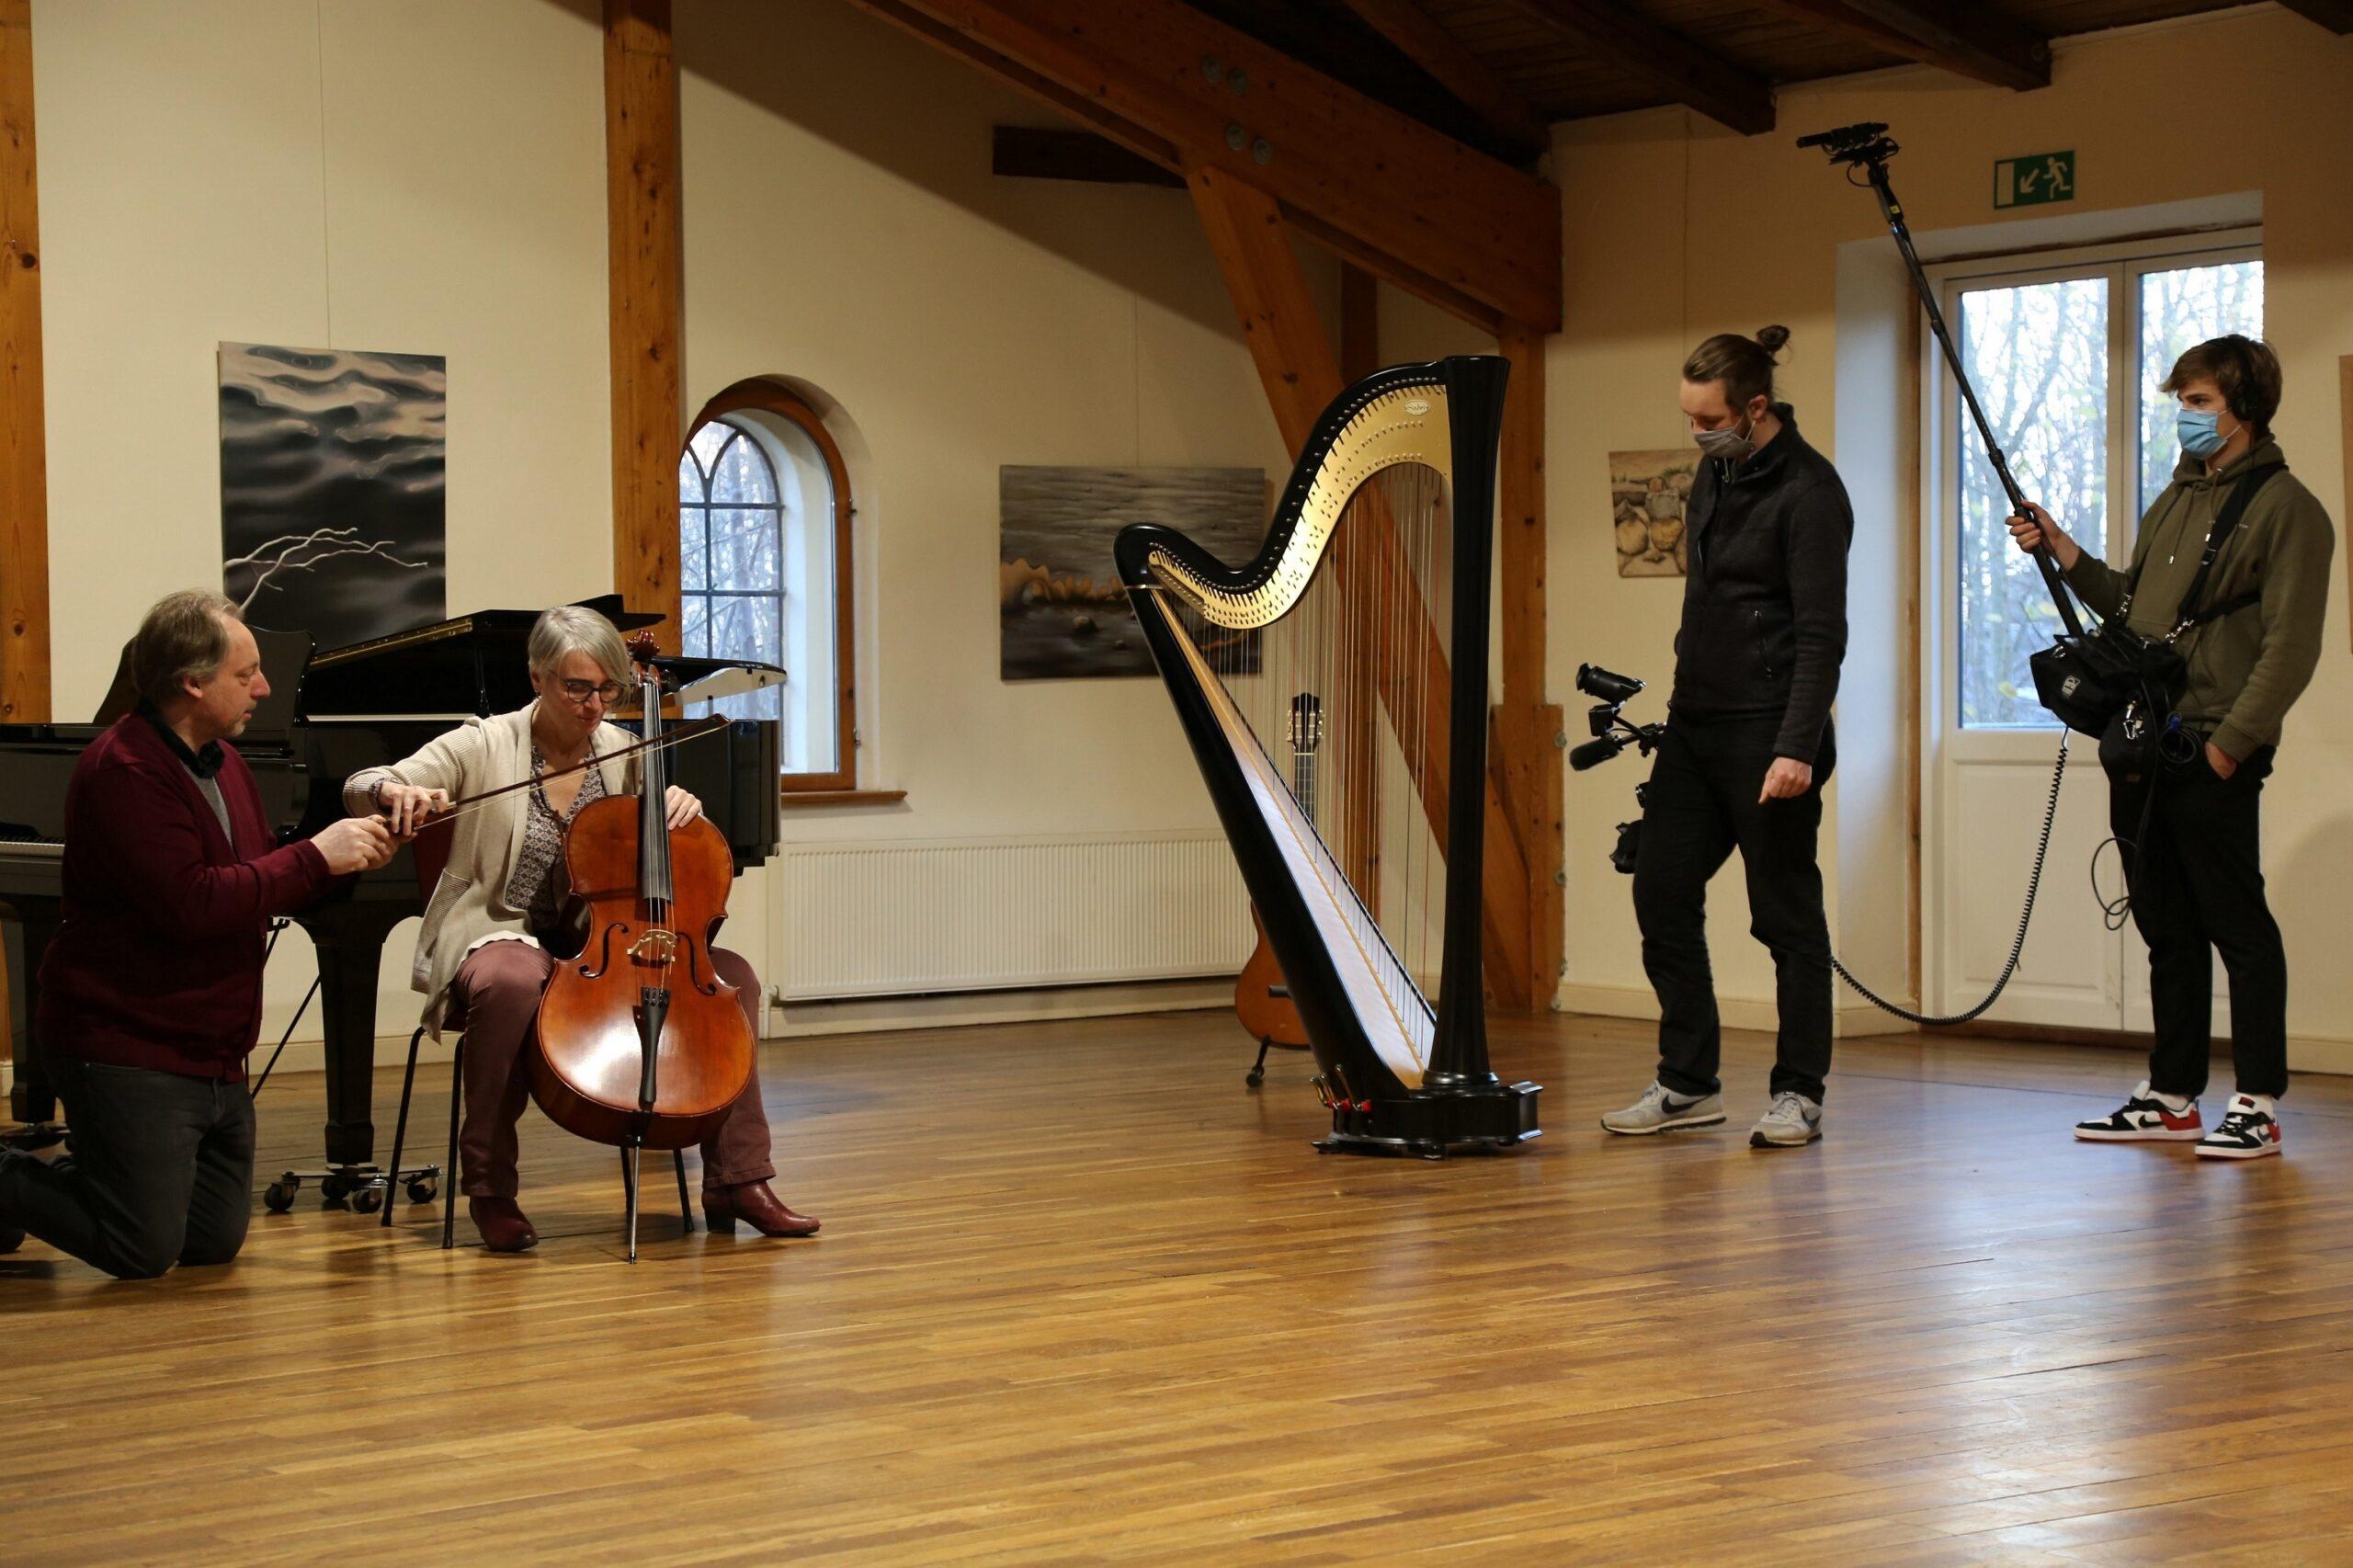 Beim Dreh wurde auch eine Schnupperstunde Musikunterricht besucht. Bild: K9/Ingrid Ebinal